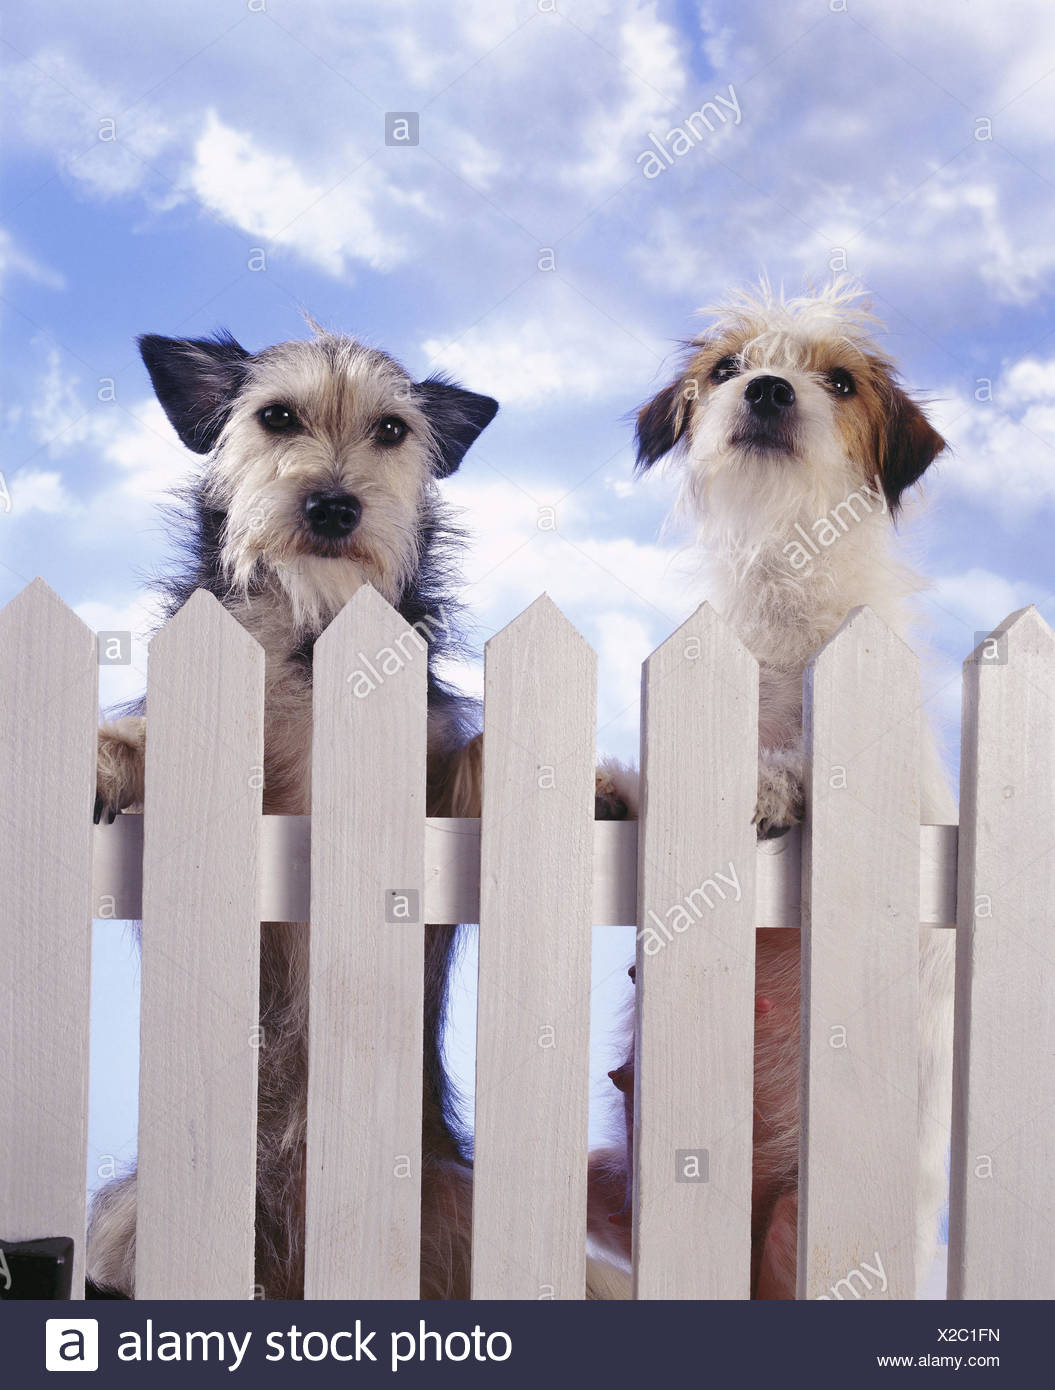 Hunde Garten Zaun M Saugetiere Canidae Haustiere Hybrid